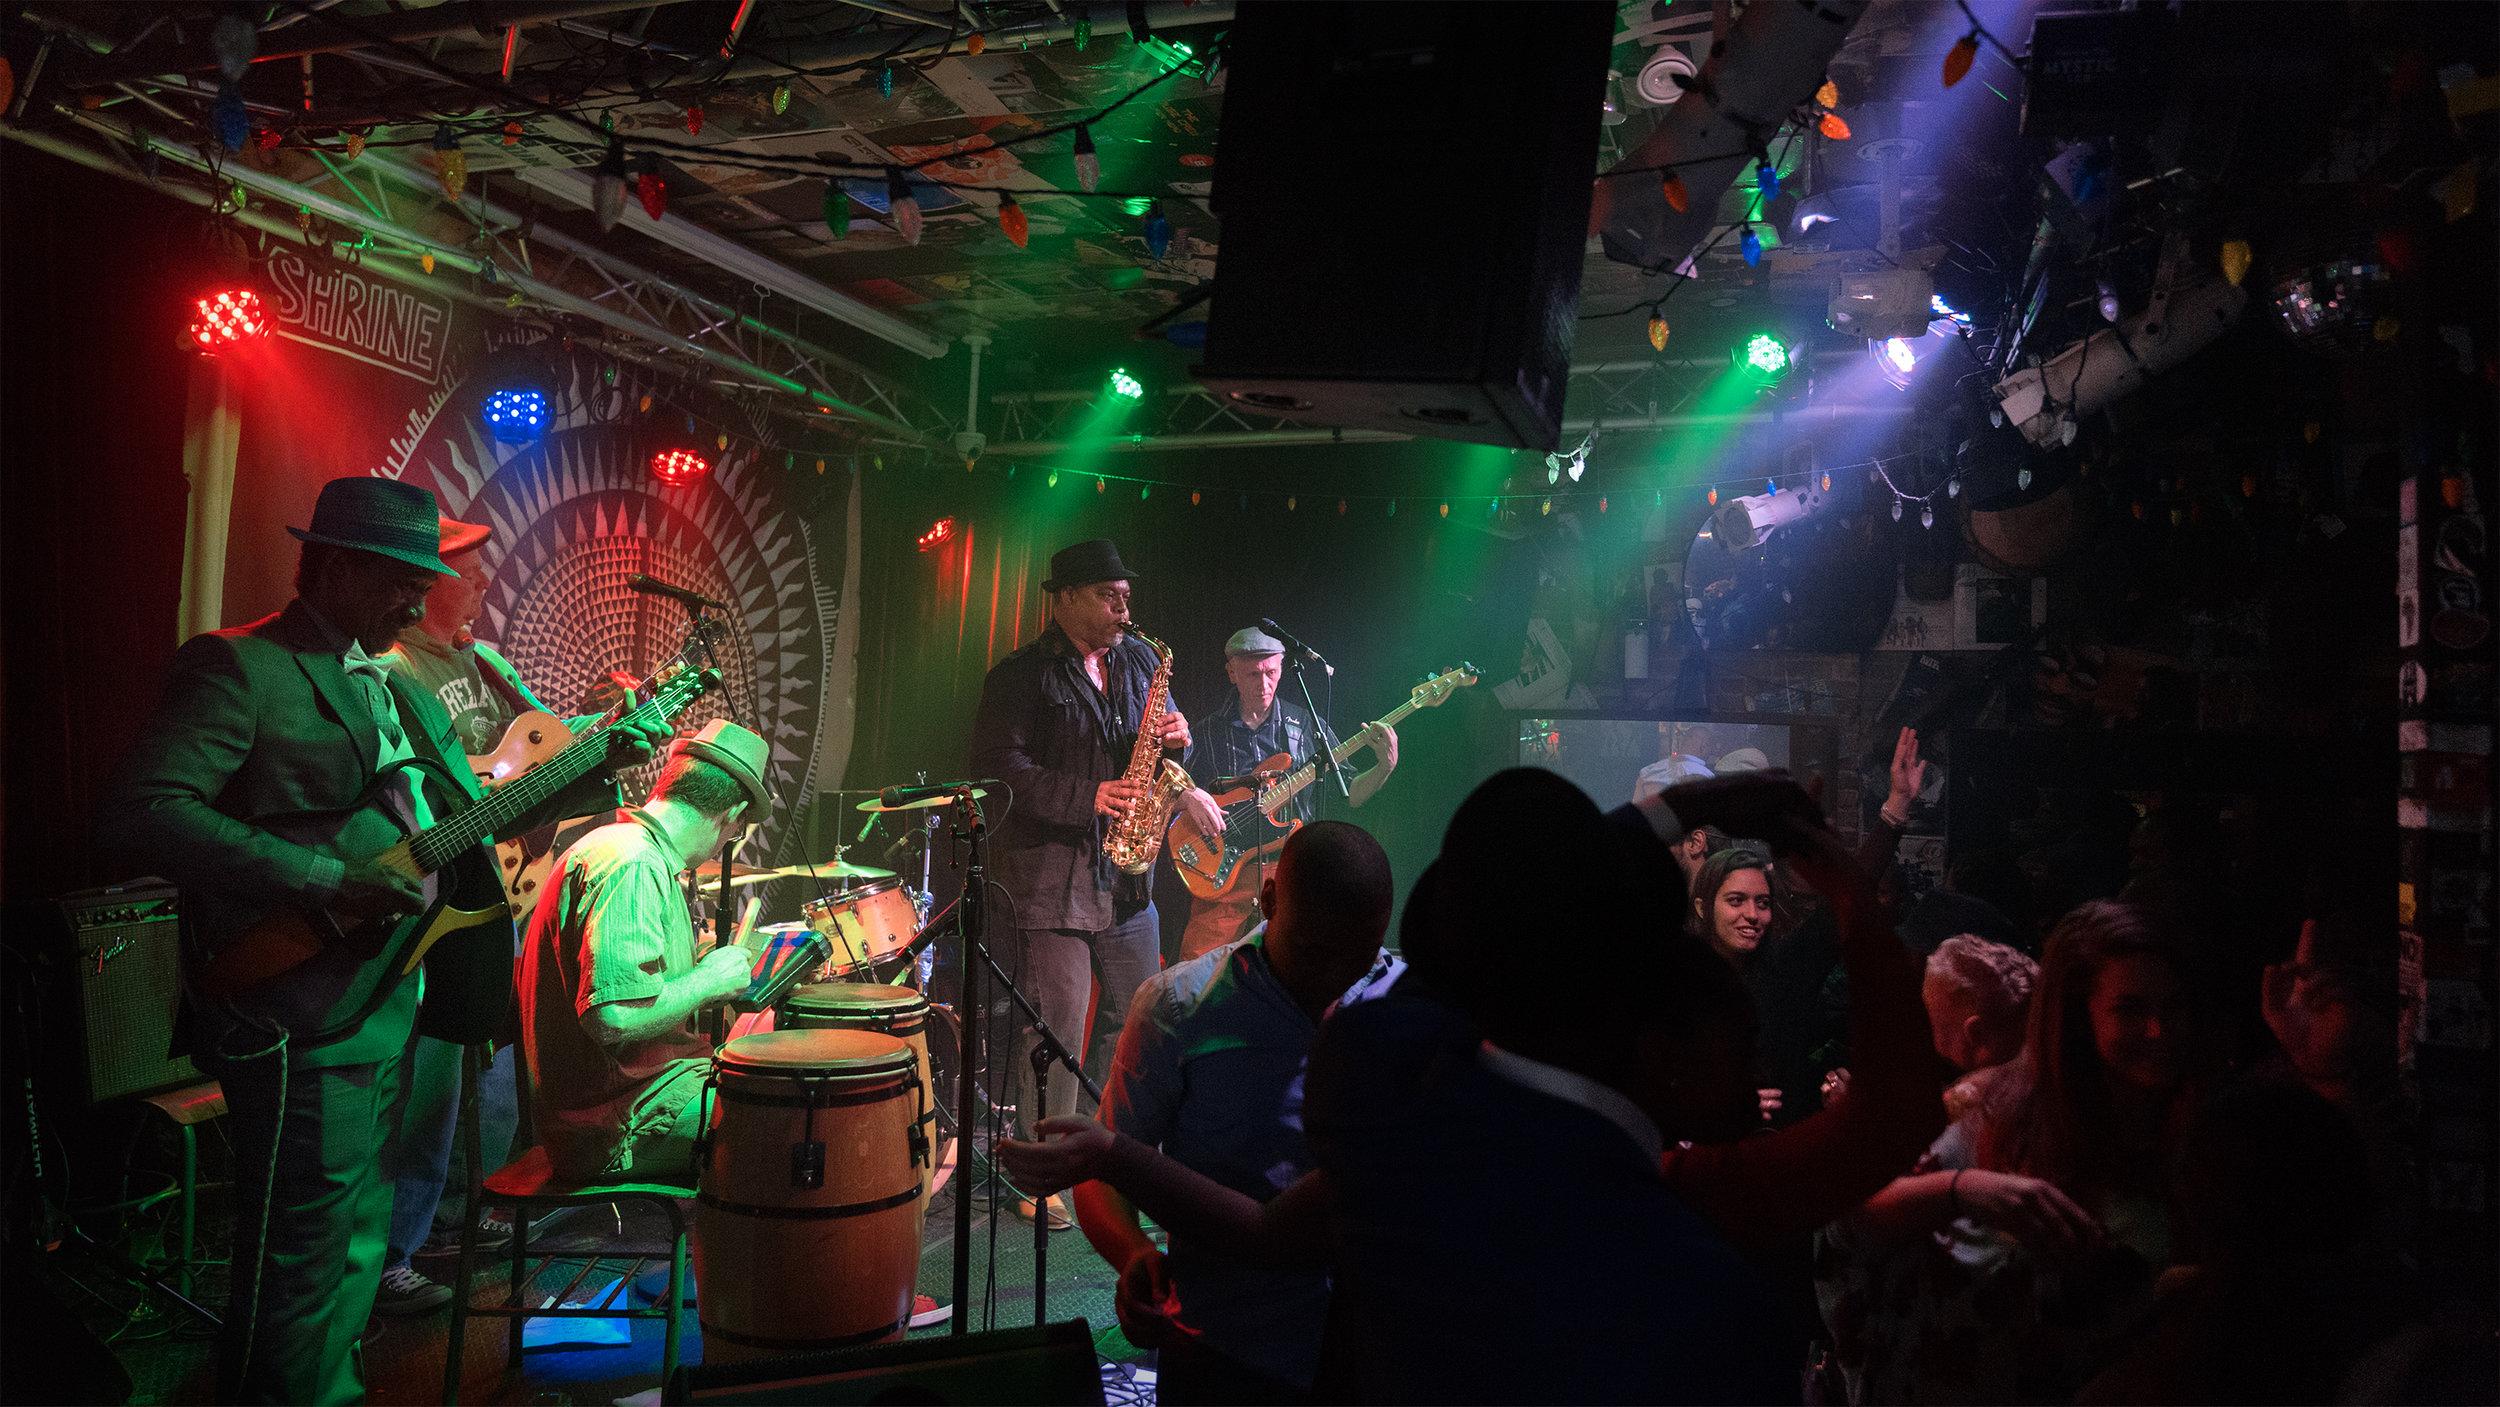 Casa Mantequilla - The Shrine, Harlem, NY [11|11|2017]